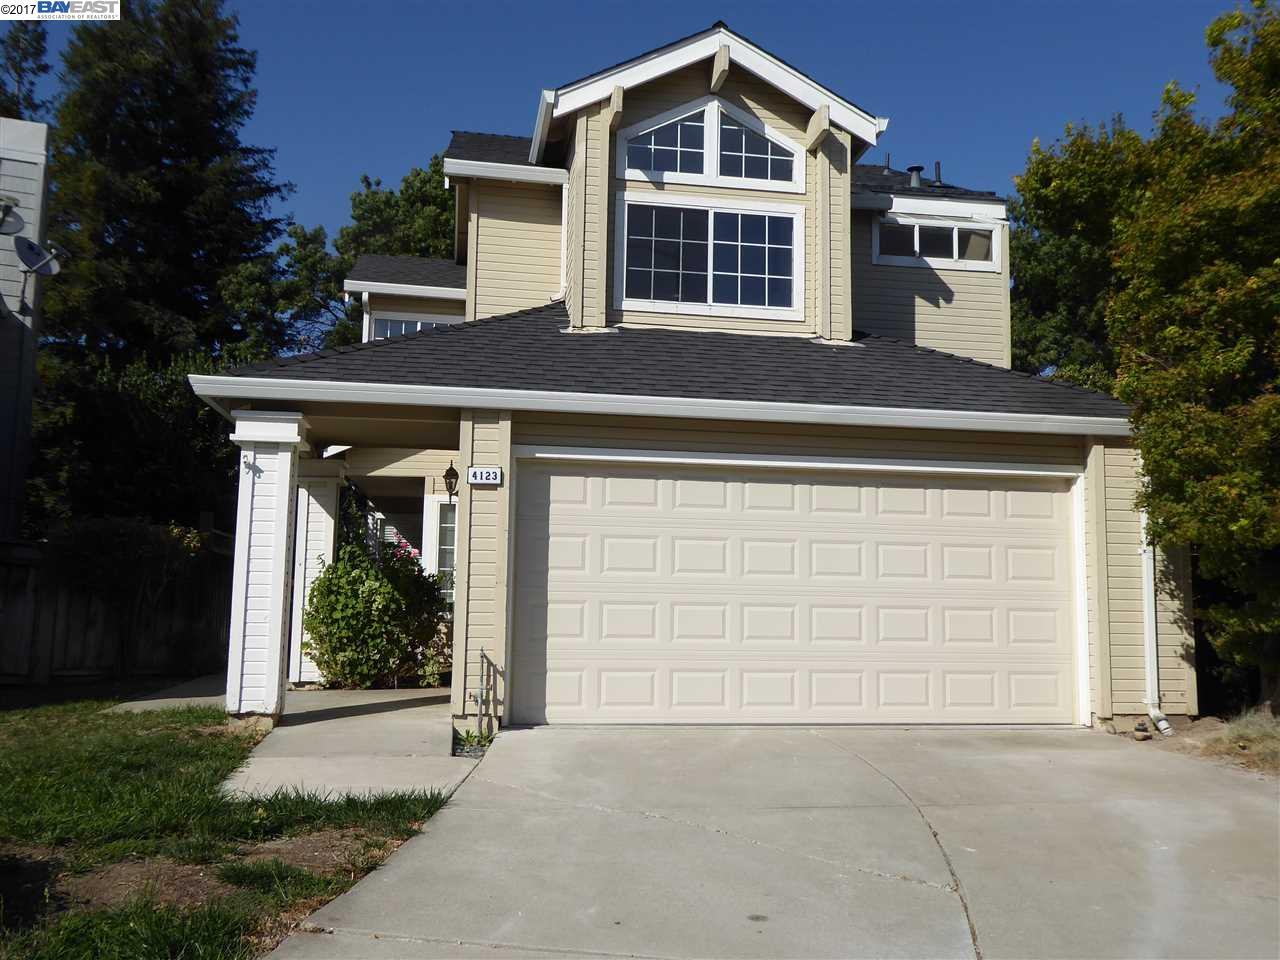 واحد منزل الأسرة للـ Rent في 4123 Lethram Court Pleasanton, California 94588 United States